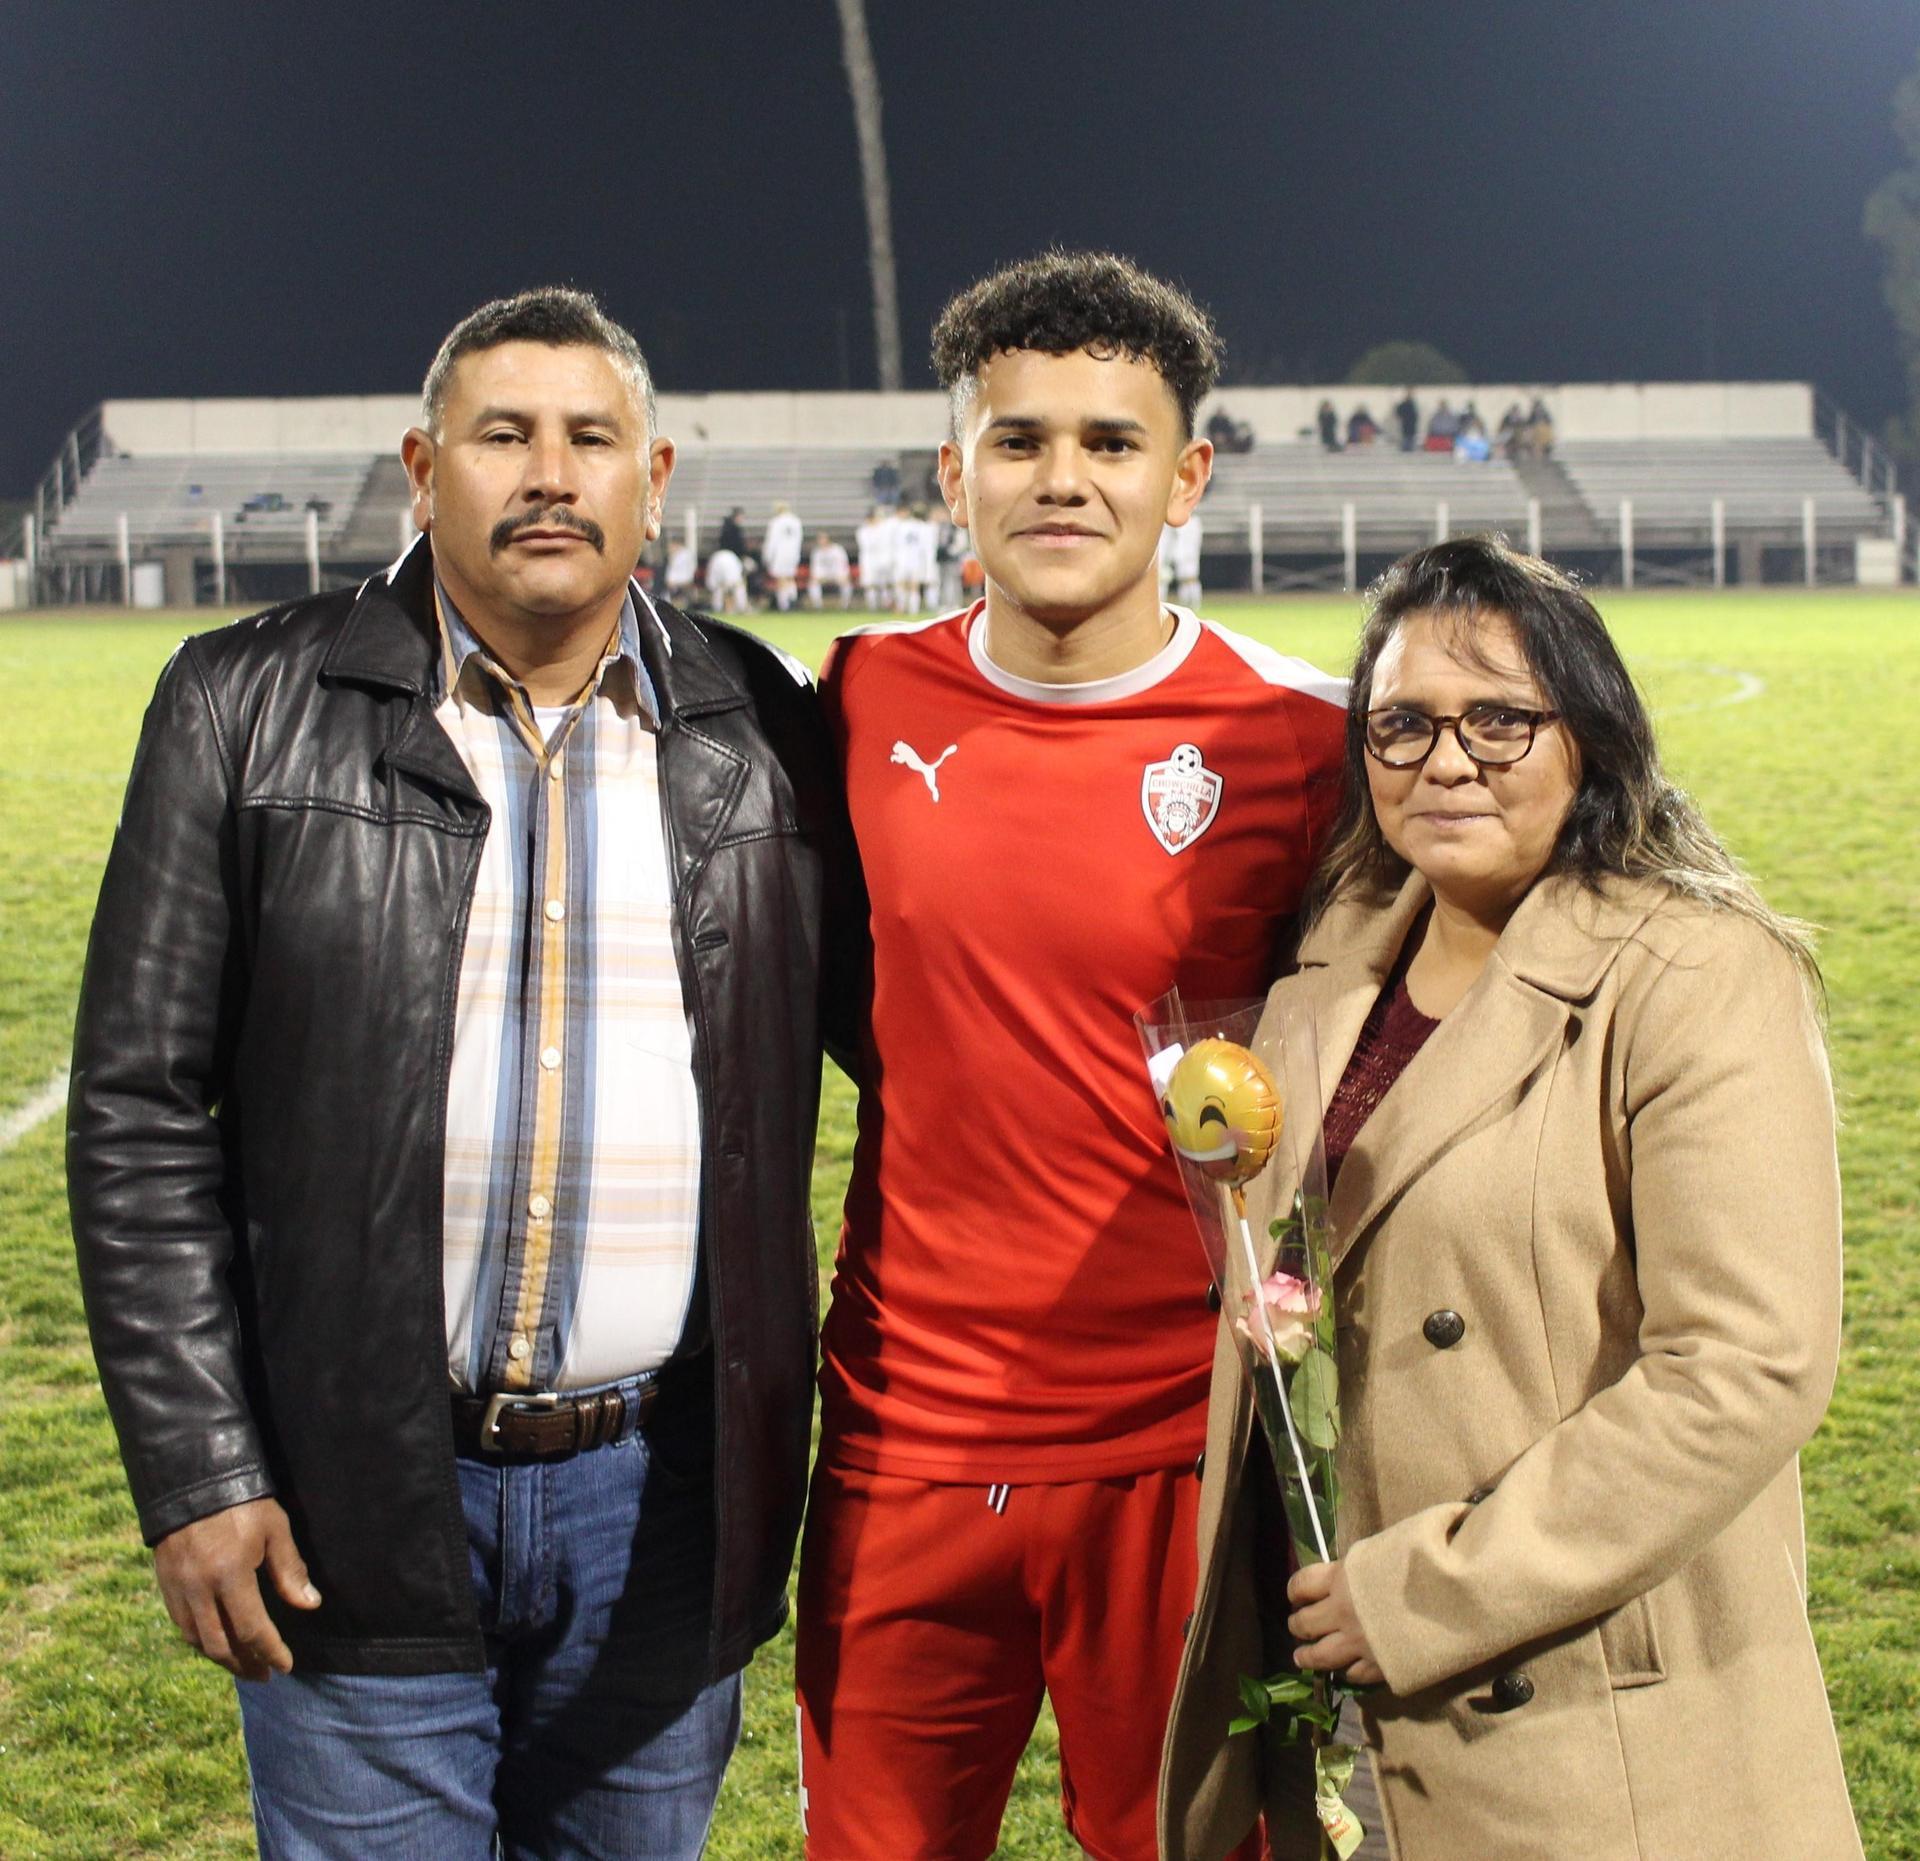 Antonio Ochoa and escorts